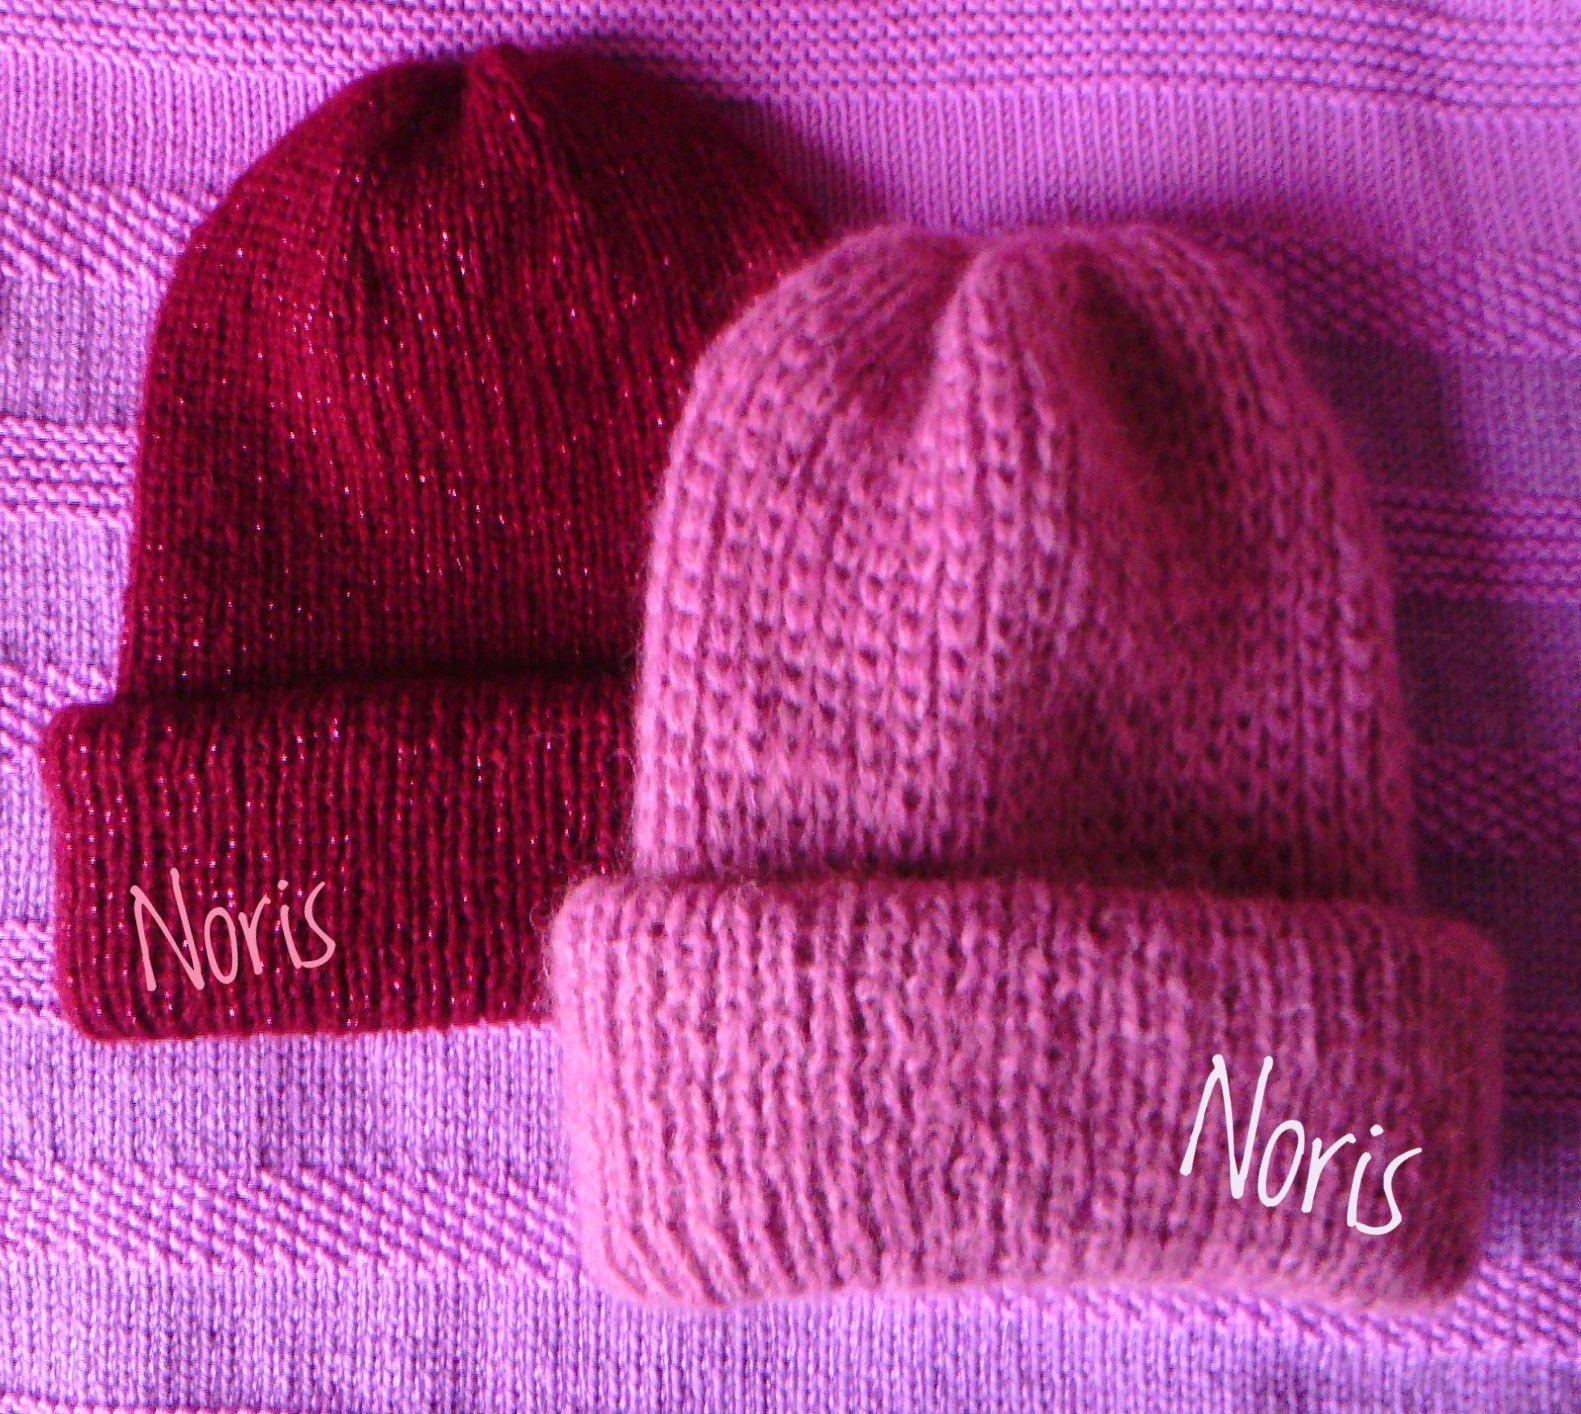 женщине подарок снуд стильнаяшапка купитьшапку спицы красиваяшапка шапка девушке вязаниеспицами вязаниеназаказ